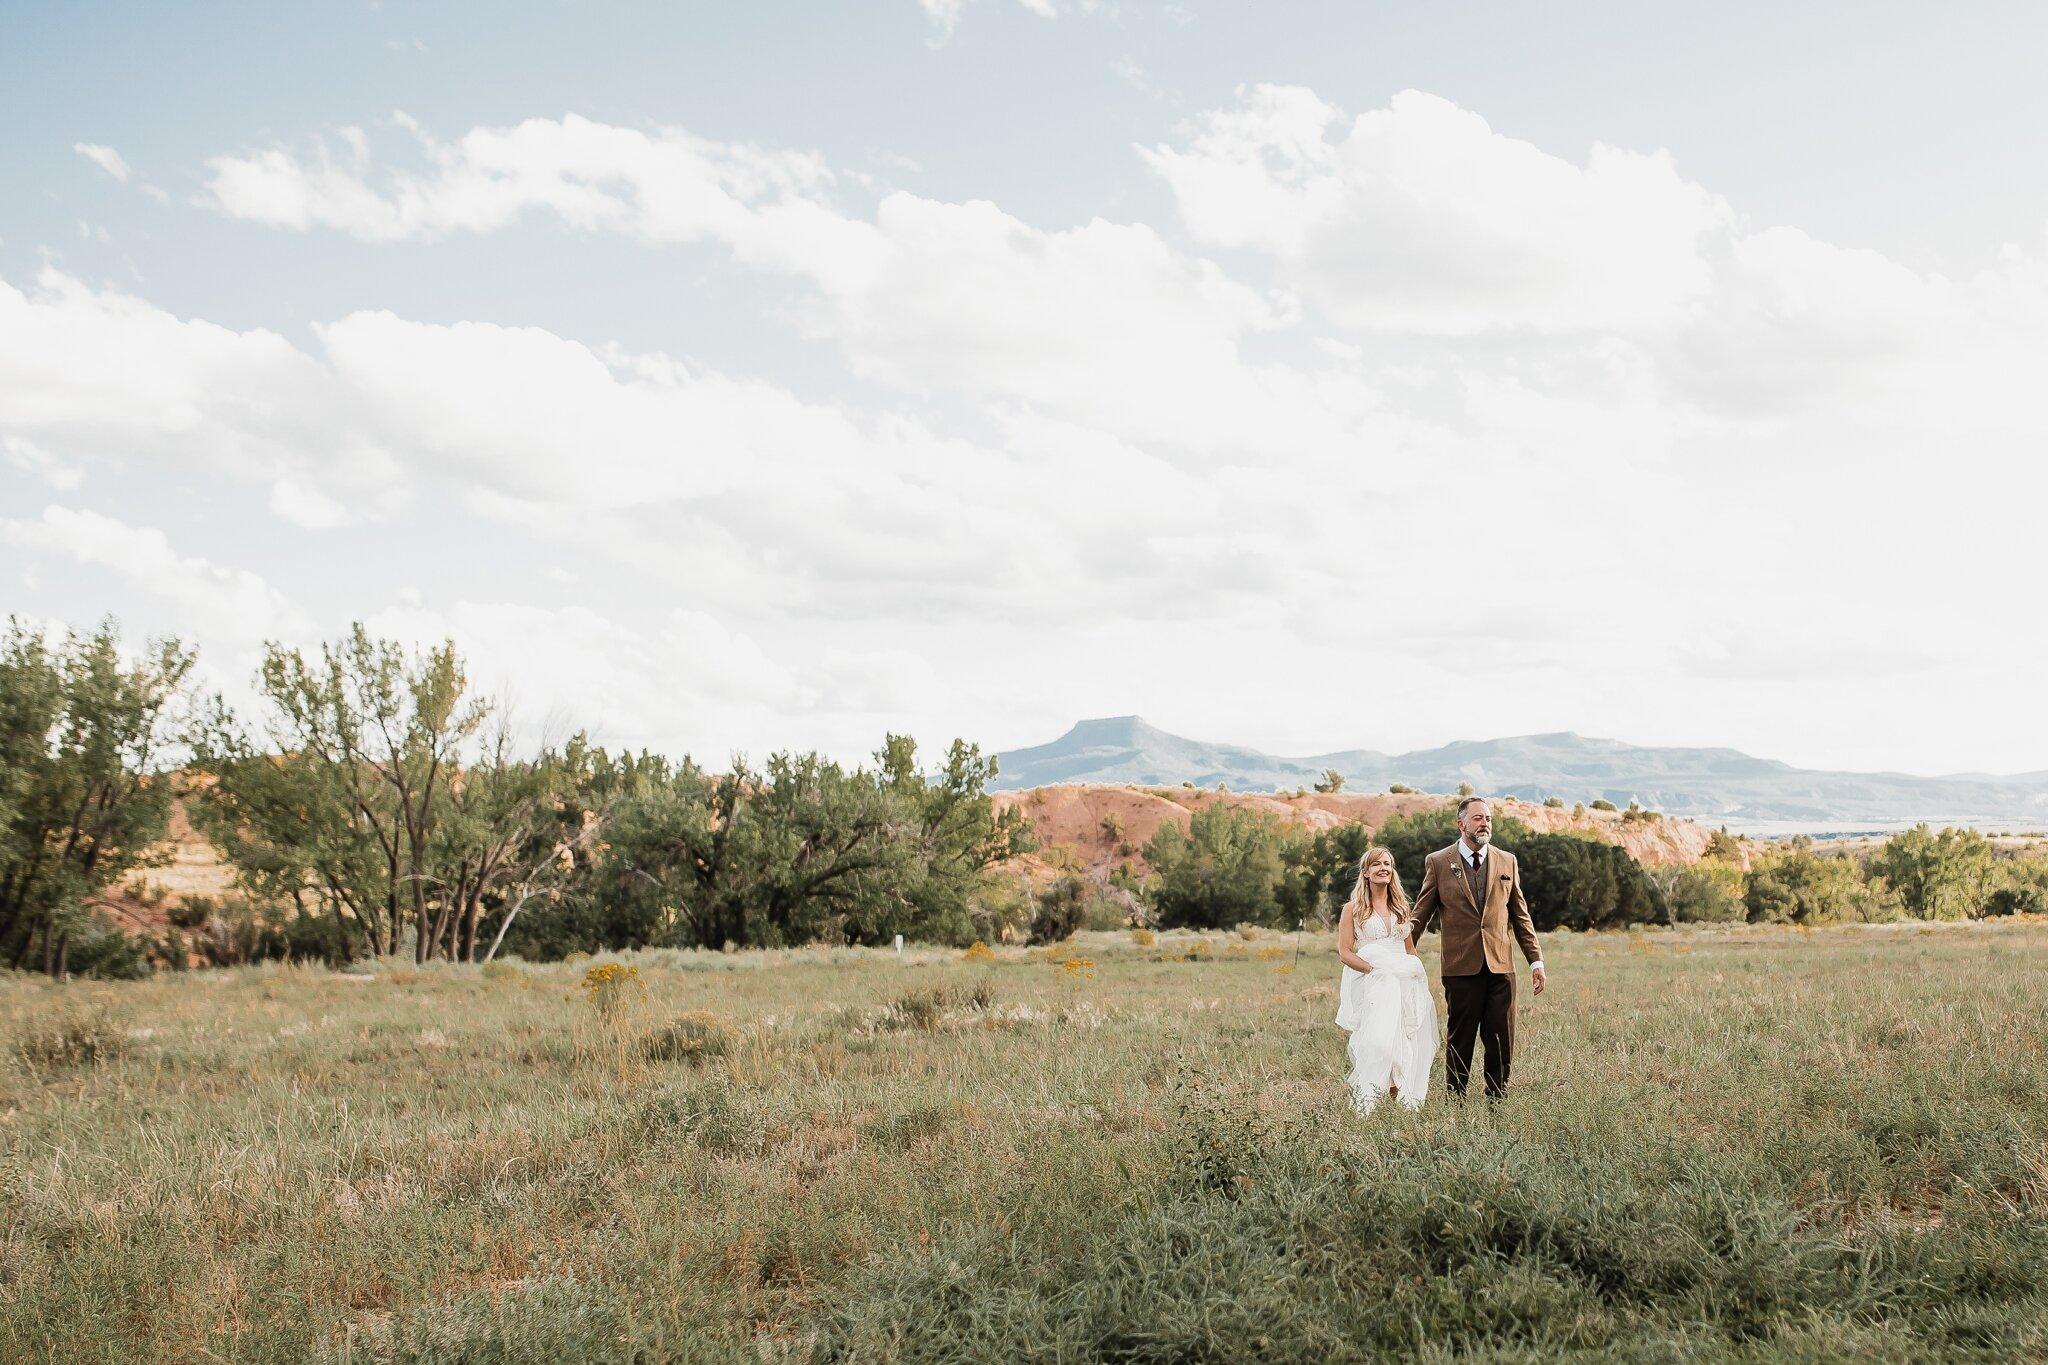 Alicia+lucia+photography+-+albuquerque+wedding+photographer+-+santa+fe+wedding+photography+-+new+mexico+wedding+photographer+-+new+mexico+wedding+-+wedding+-+santa+fe+wedding+-+ghost+ranch+-+ghost+ranch+wedding+-+fall+wedding_0057.jpg